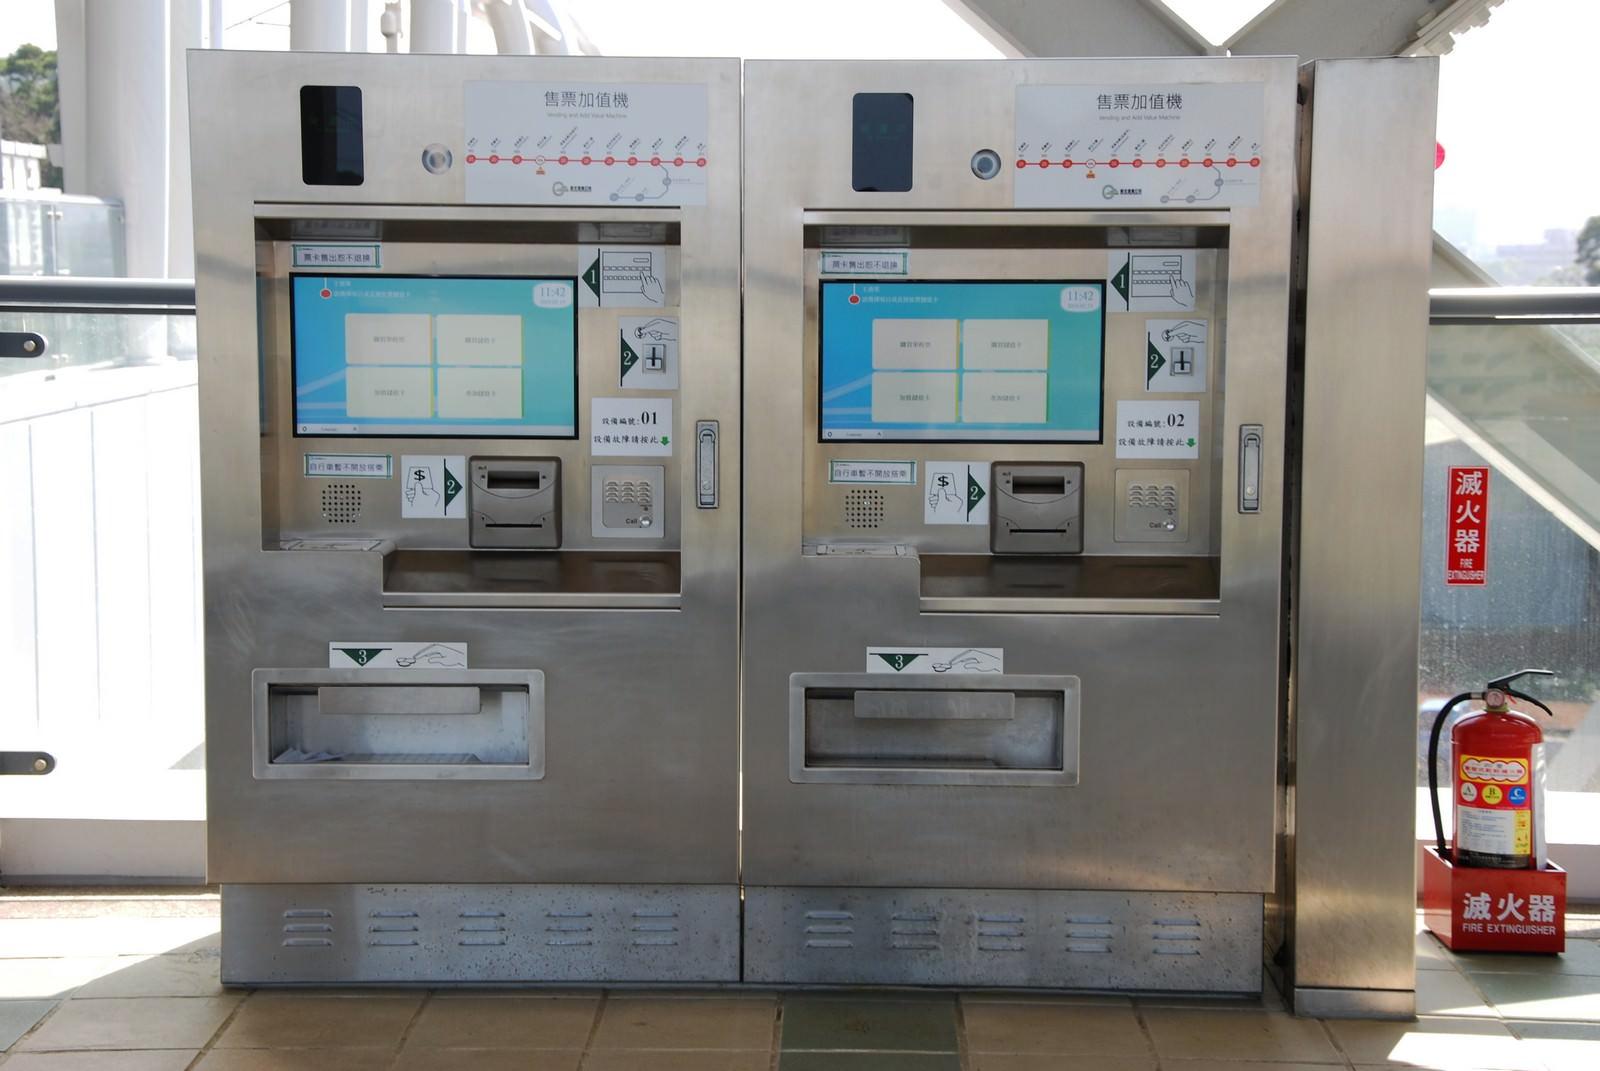 淡海輕軌綠山線, 輕軌淡江大學站, 售票加值機